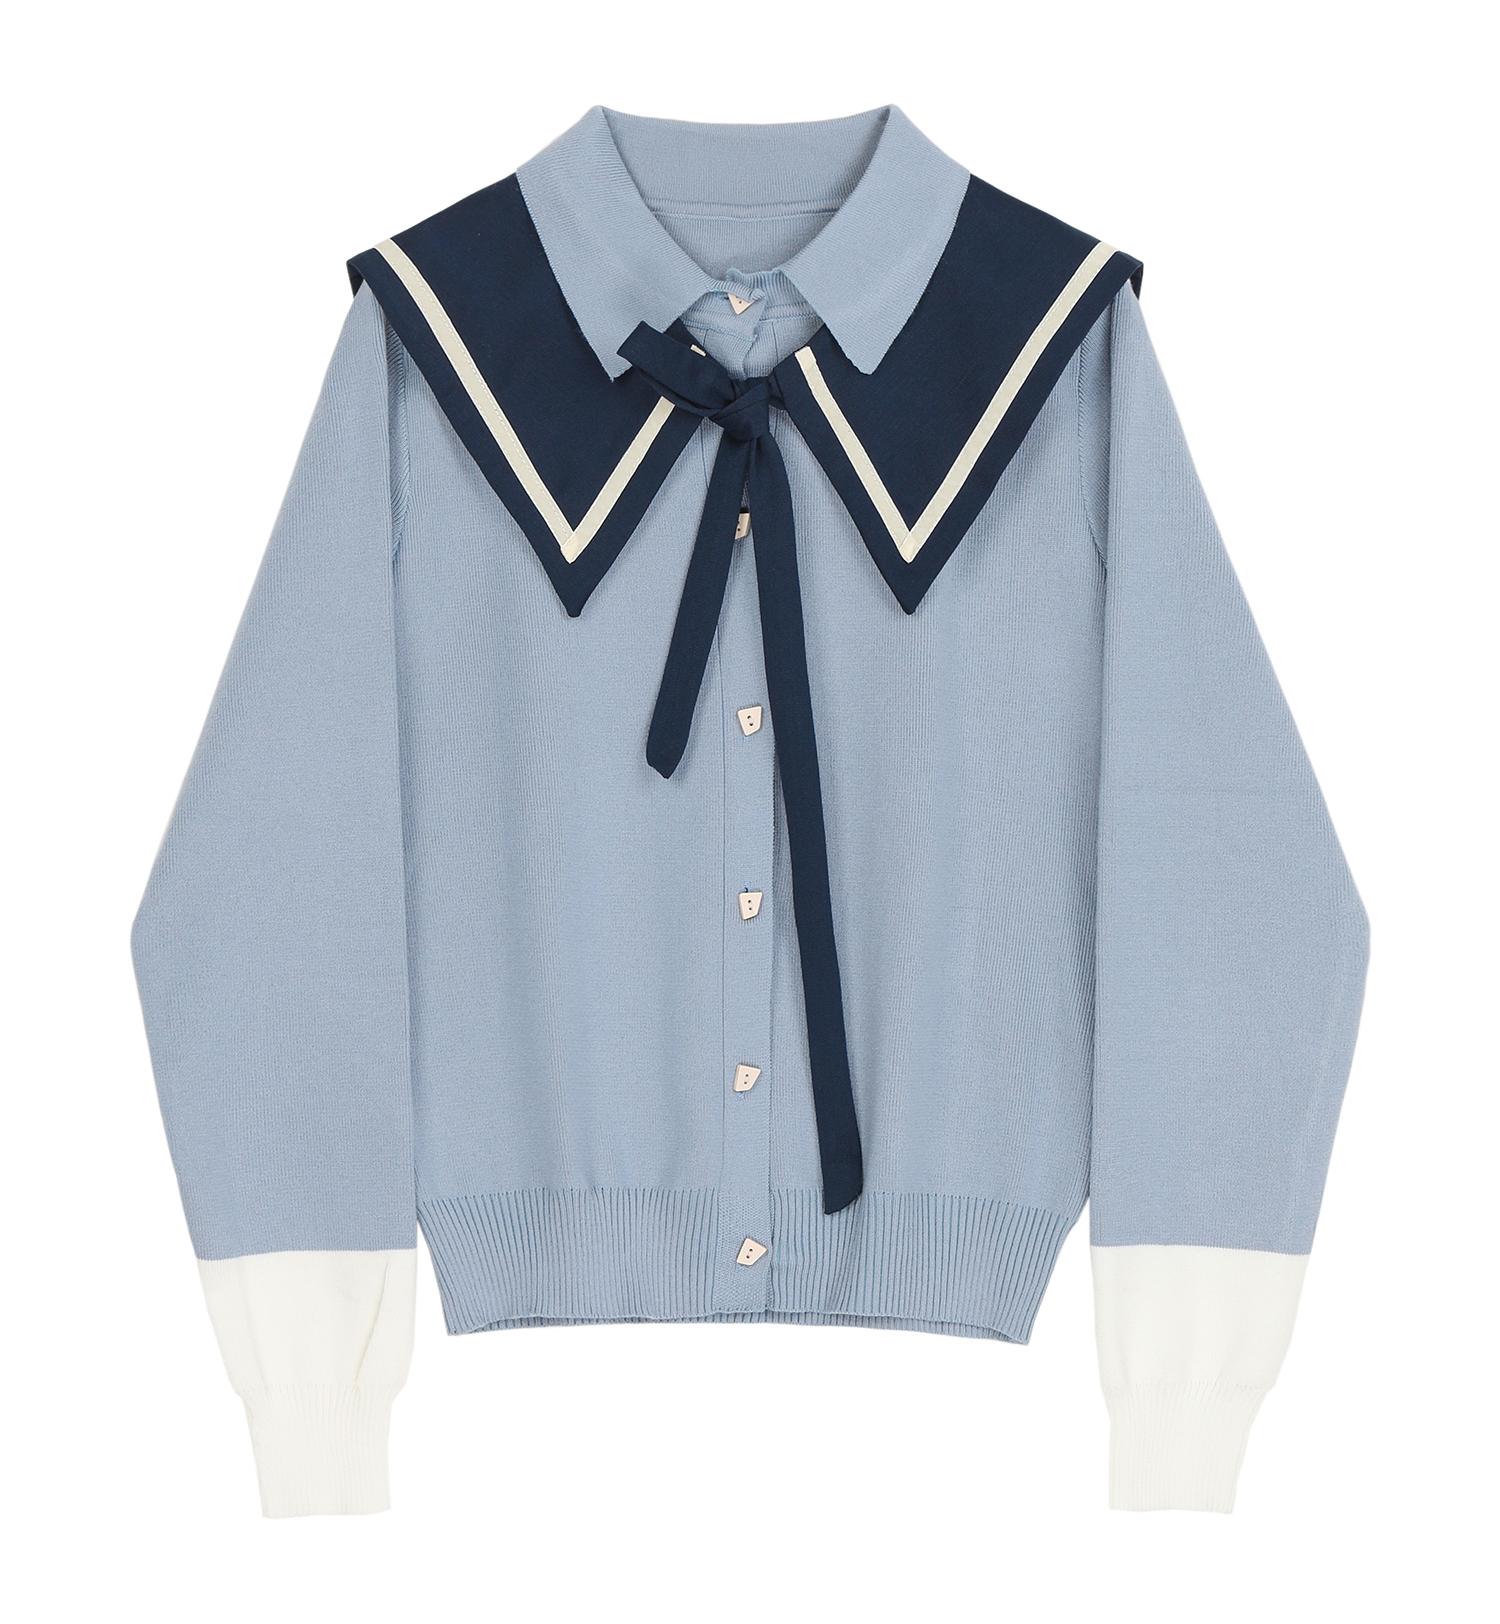 [现]毛衣套装裙女2021春装新款洋气减龄显瘦学院风半身裙子两件套主图